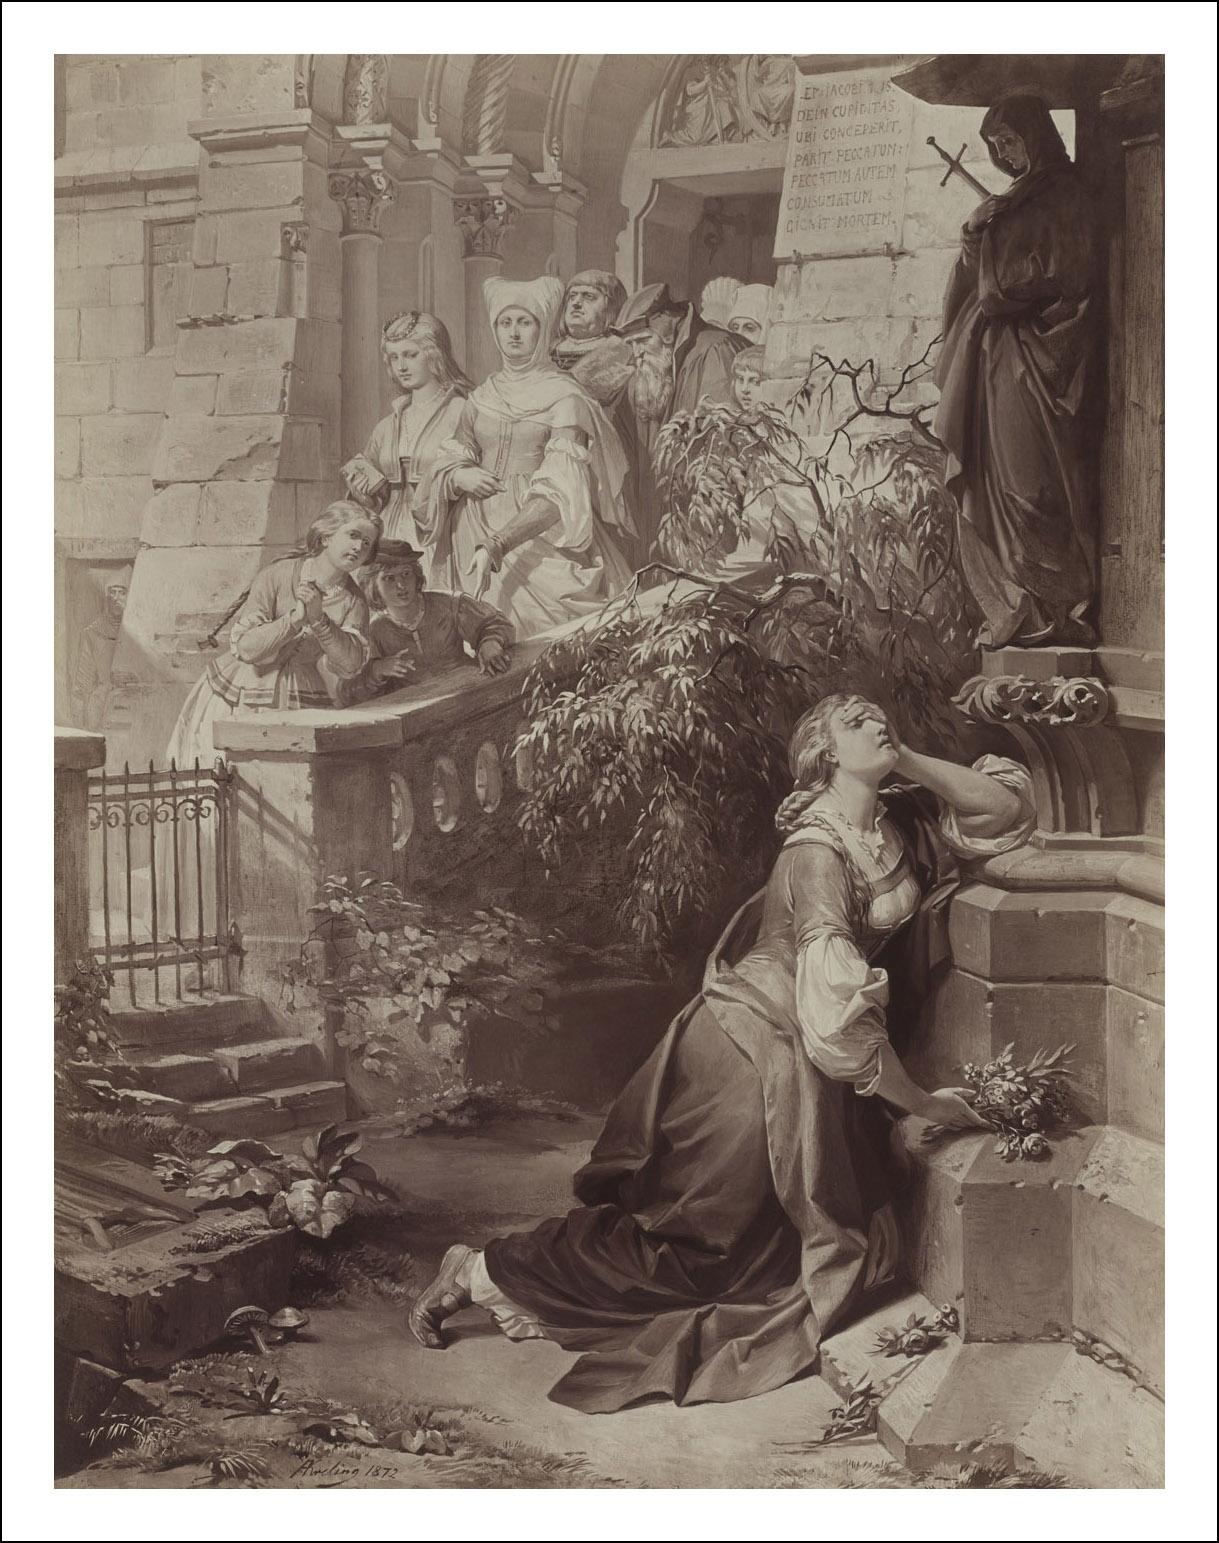 Faust, August von Kreling